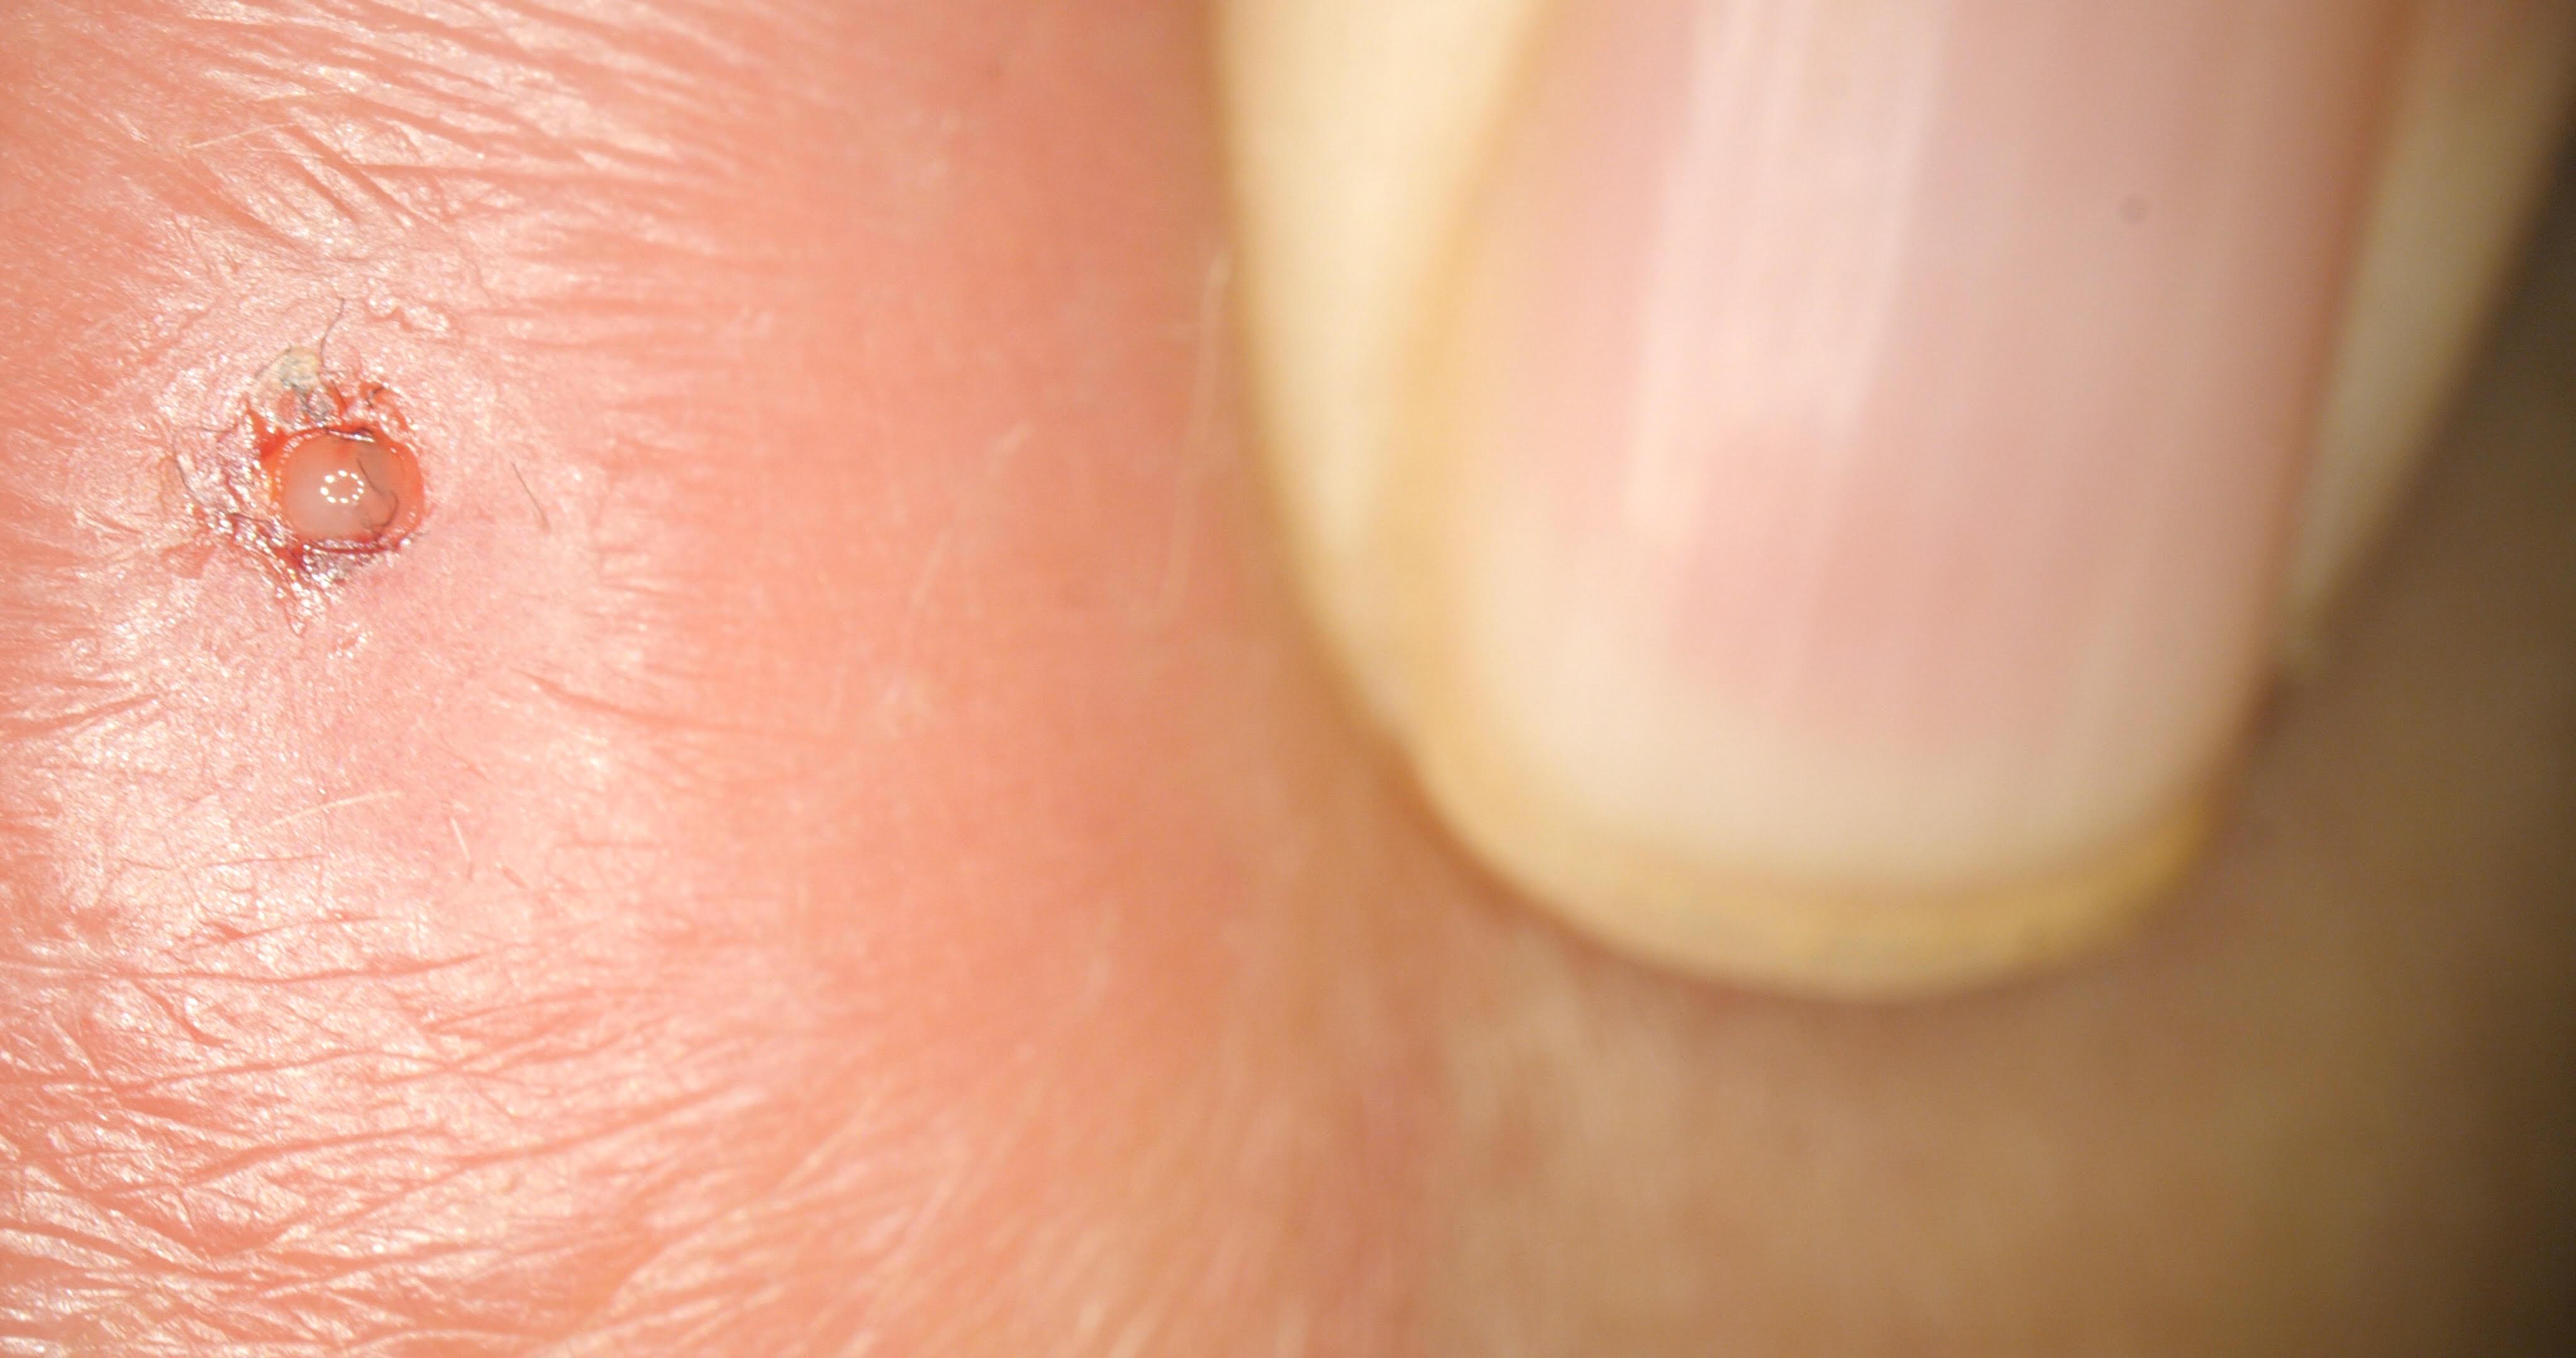 larvas de mosca no corpo humano